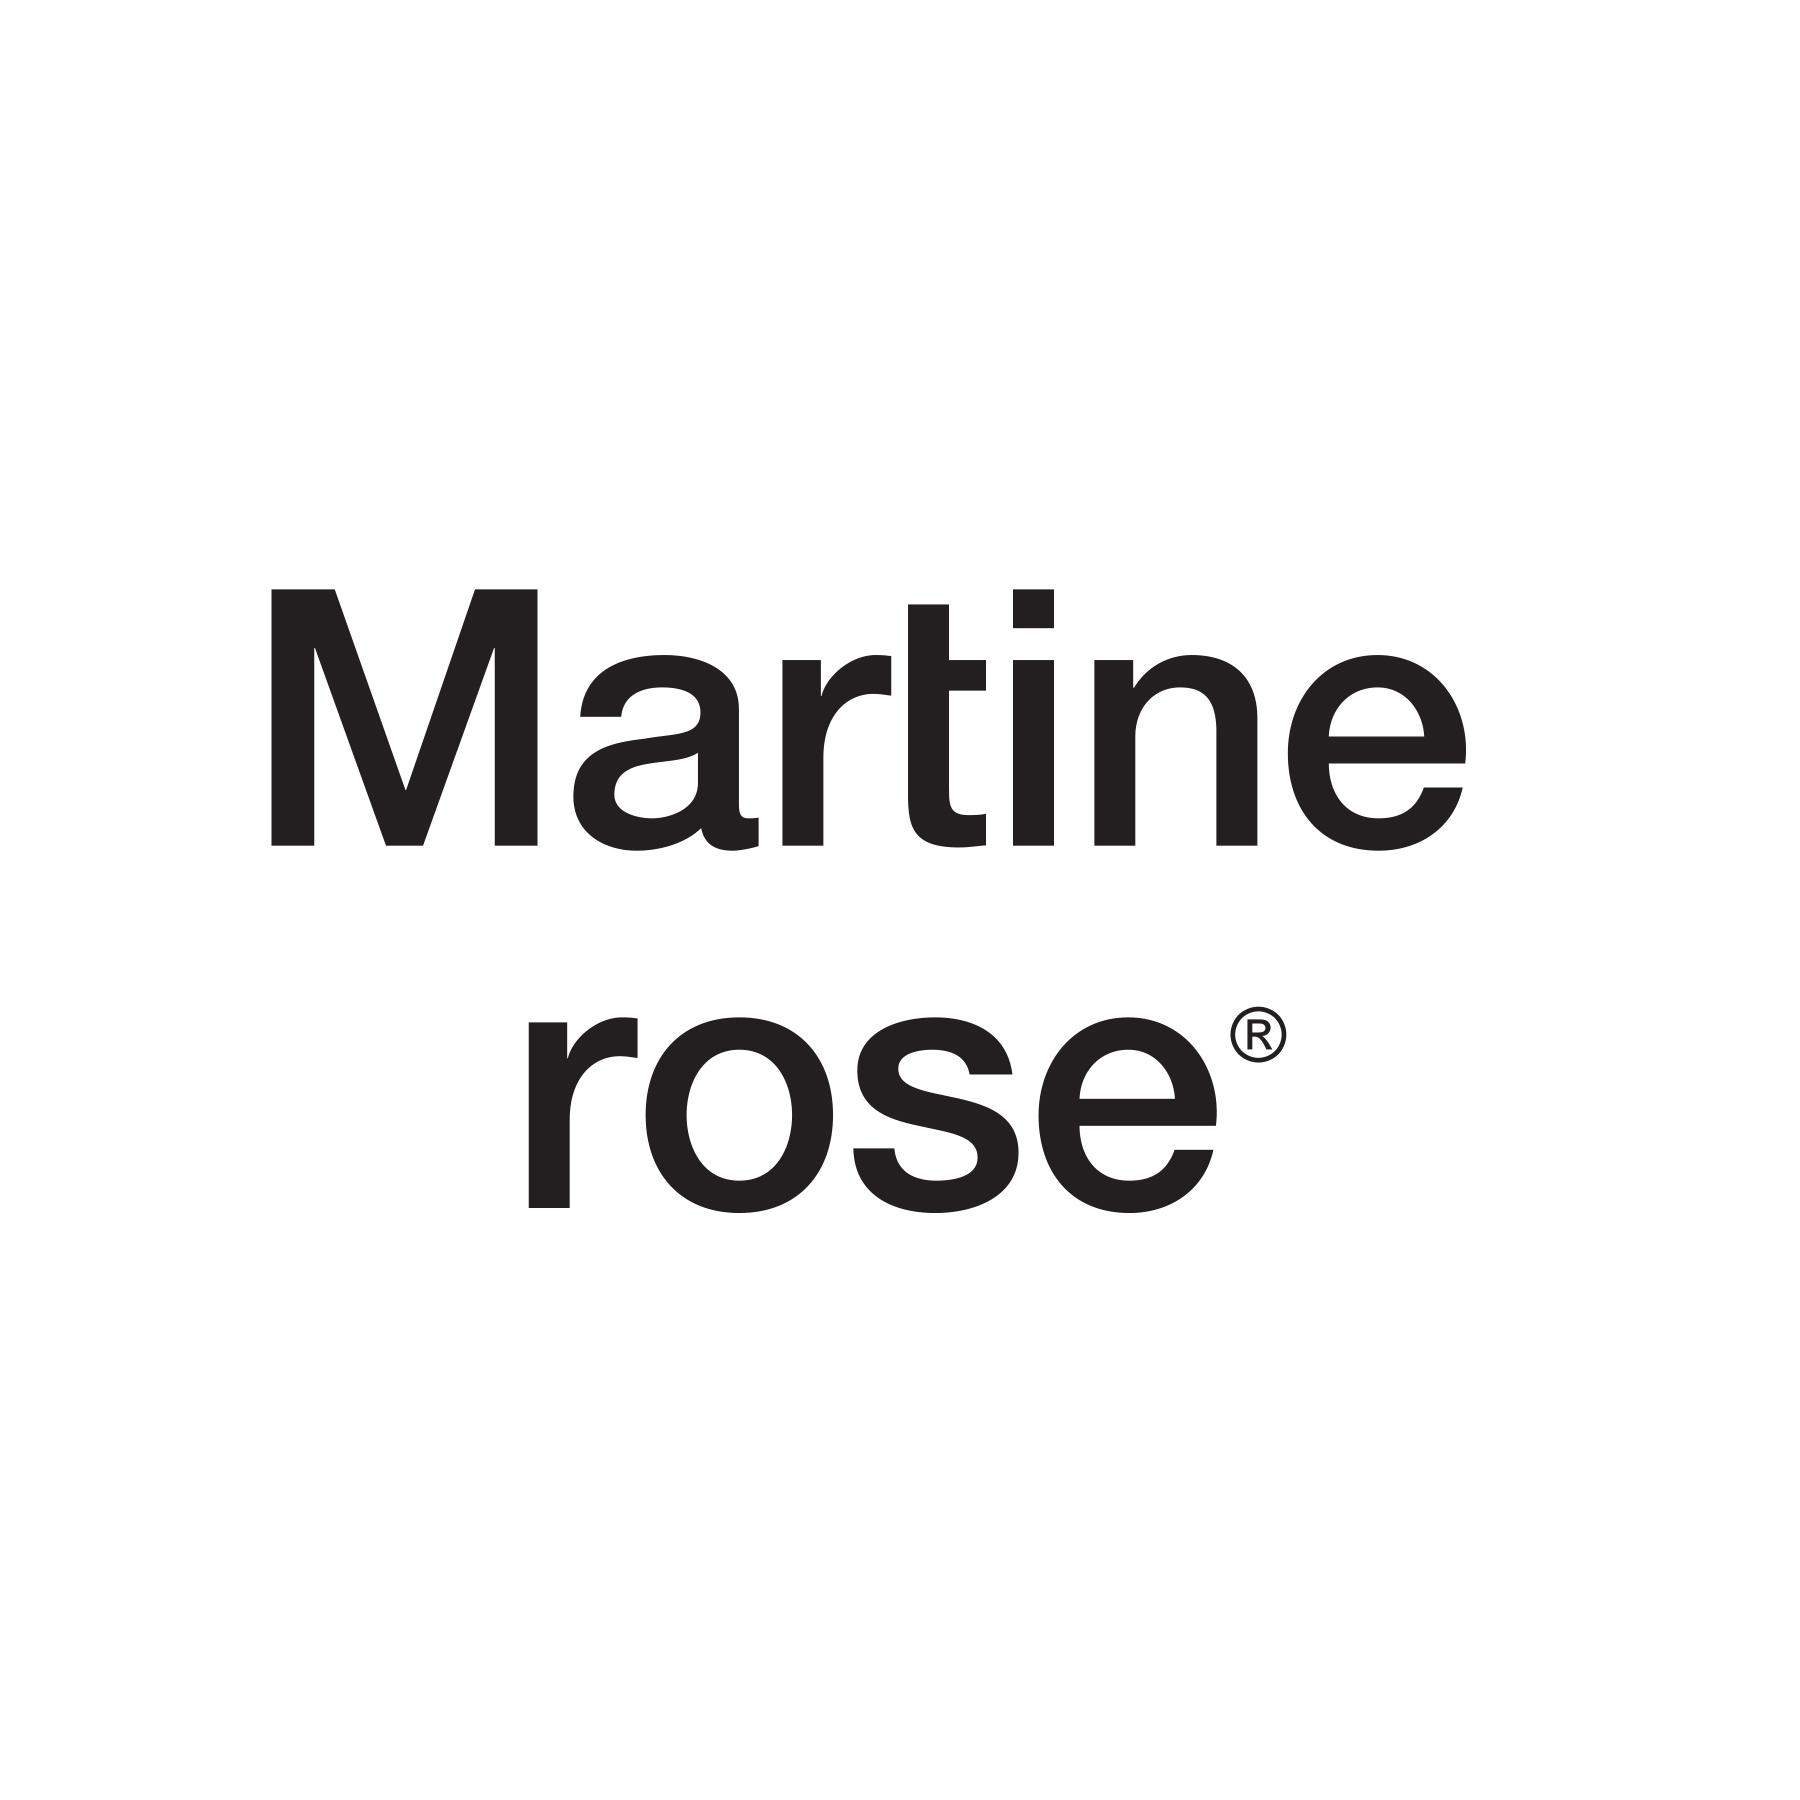 Martin_Rose.jpg